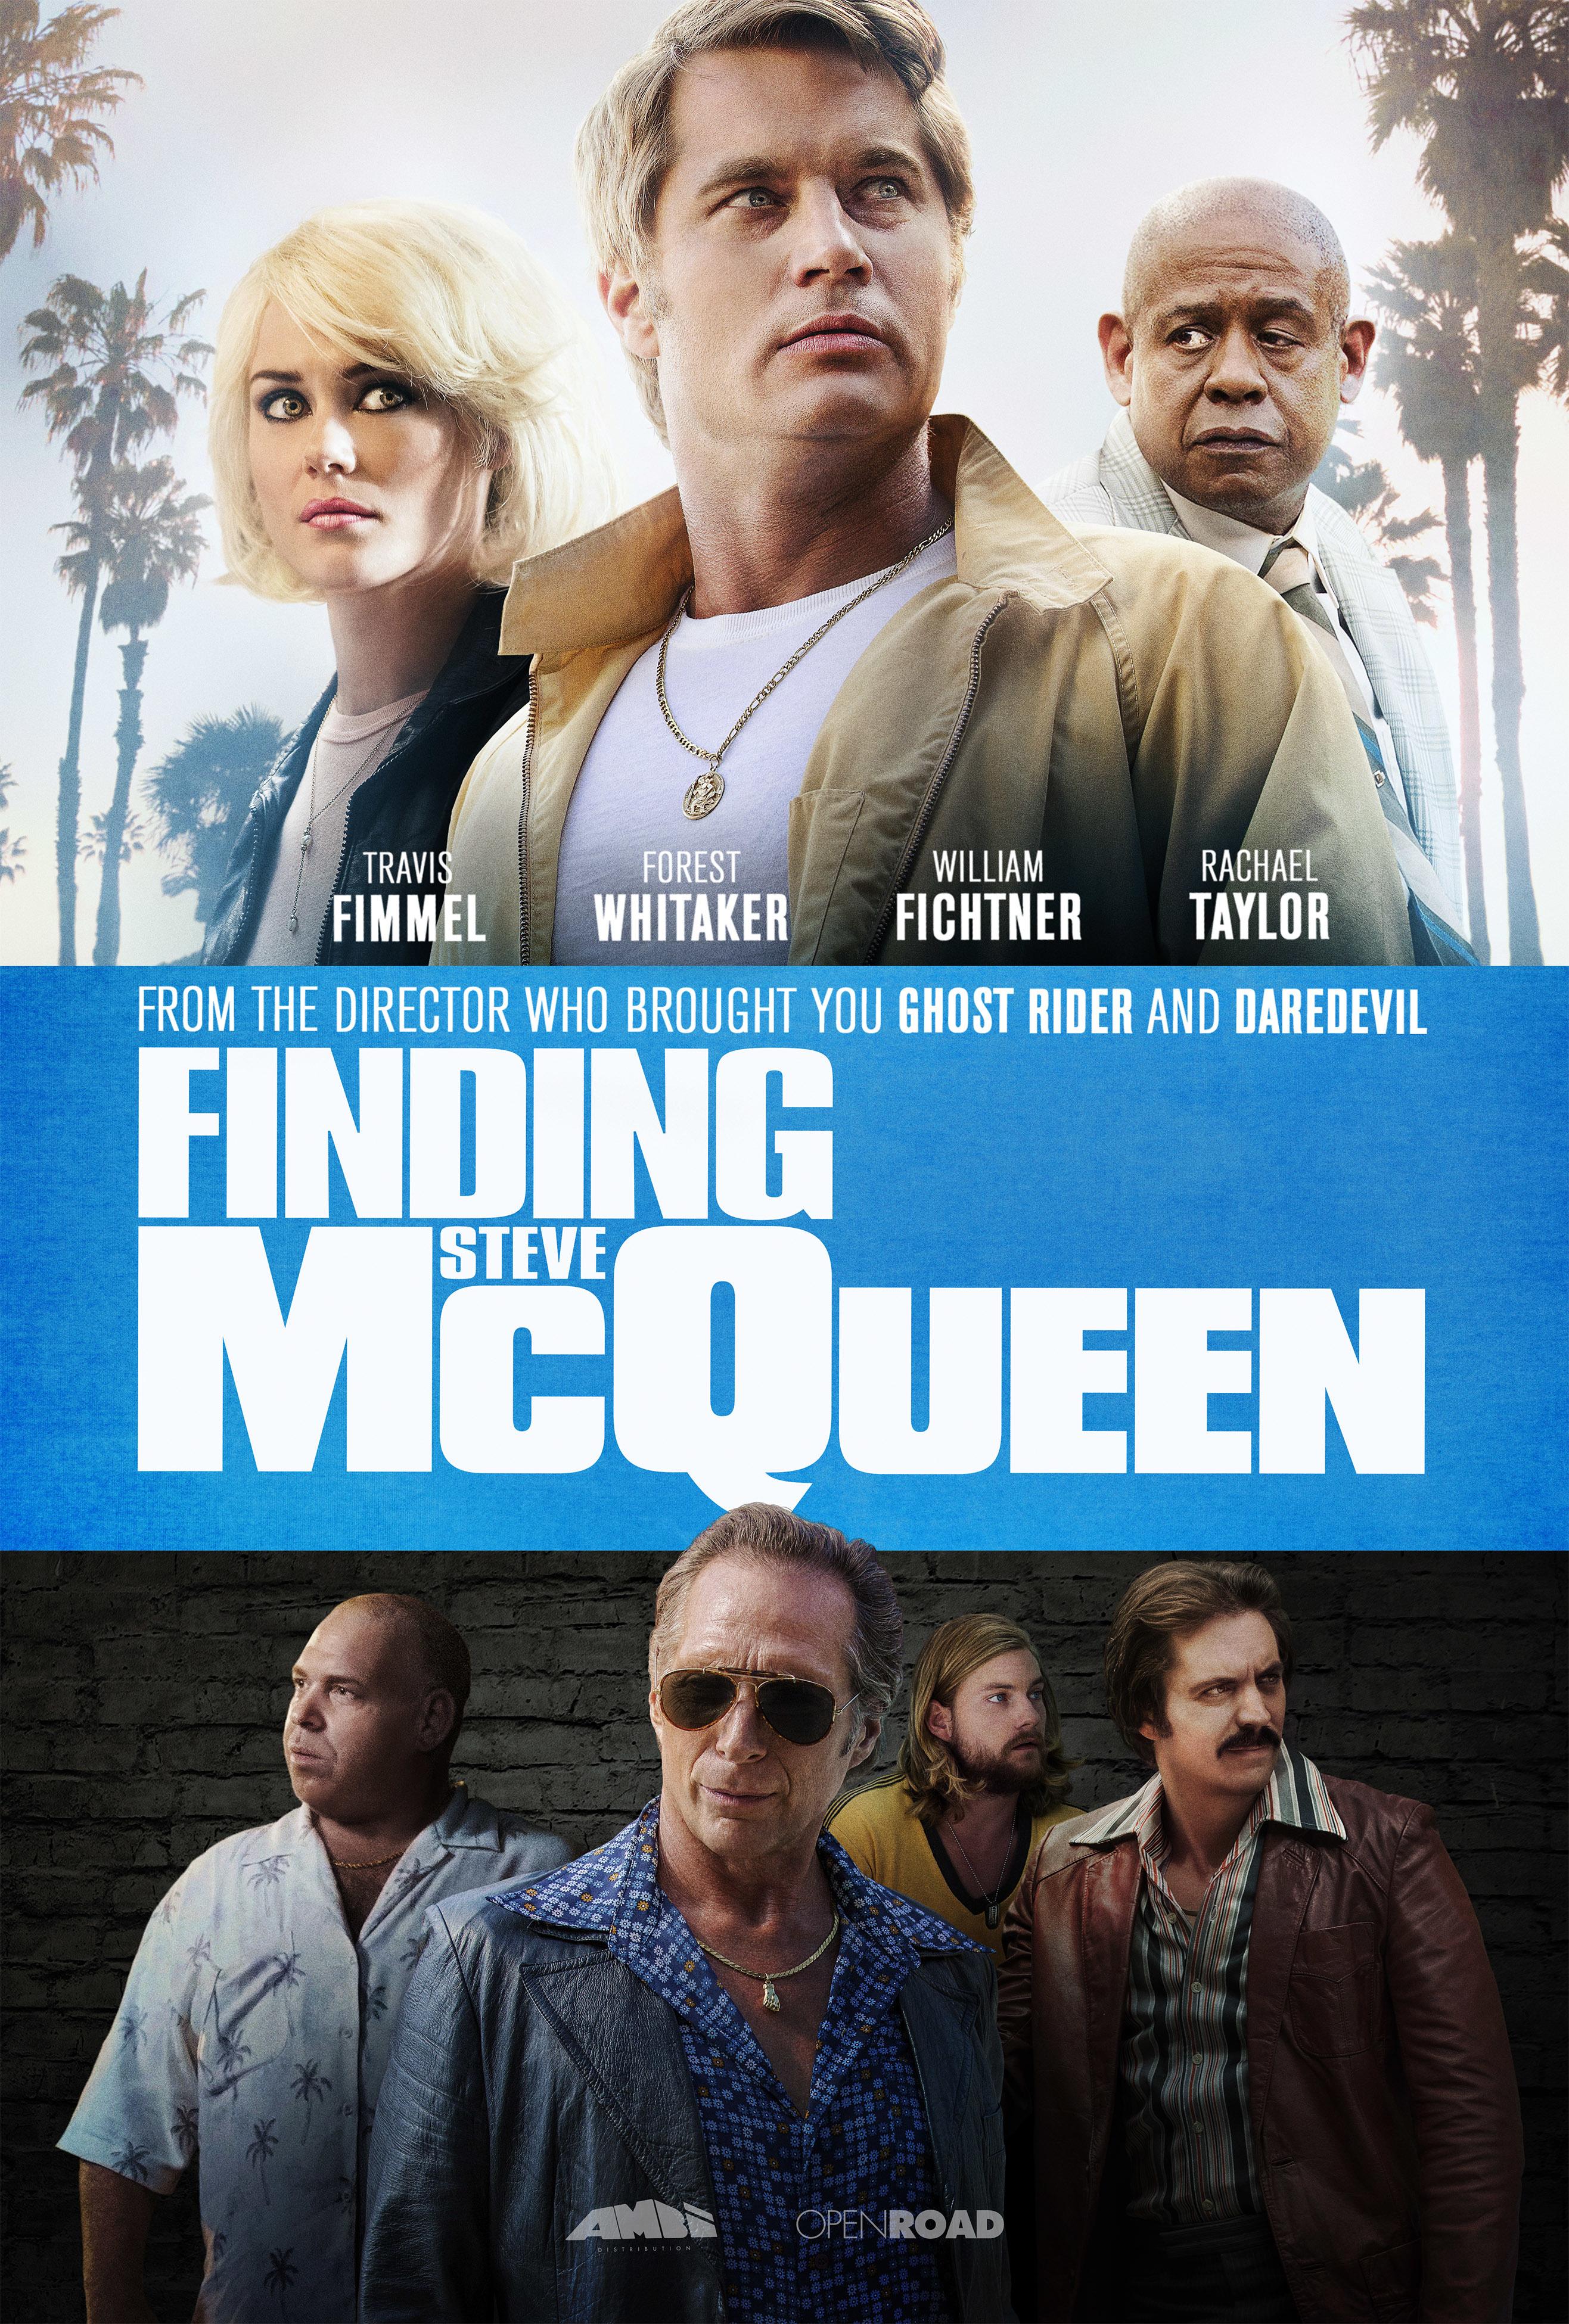 FindingSteveMcQueen_{0f39afca-a82d-4c2e-b028-d201d058d5b3}